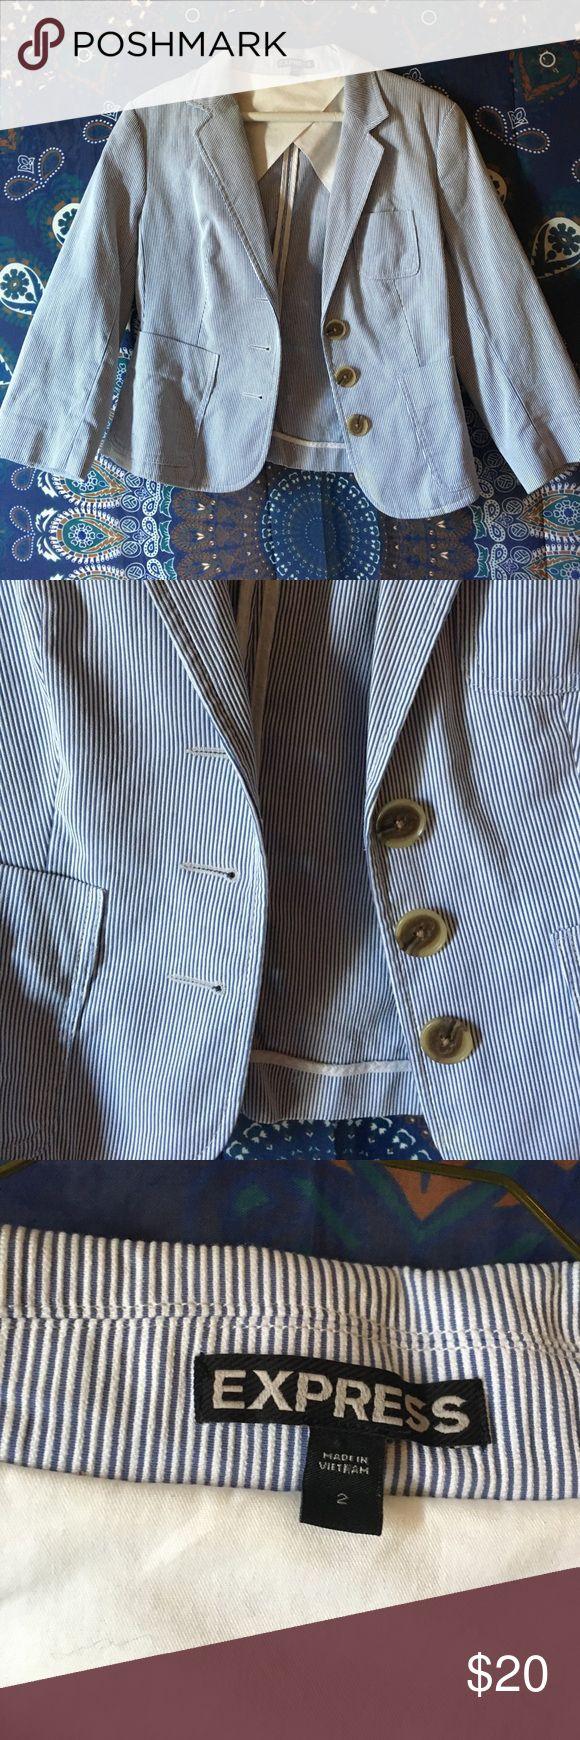 Seersucker blazer In great condition Express Jackets & Coats Blazers